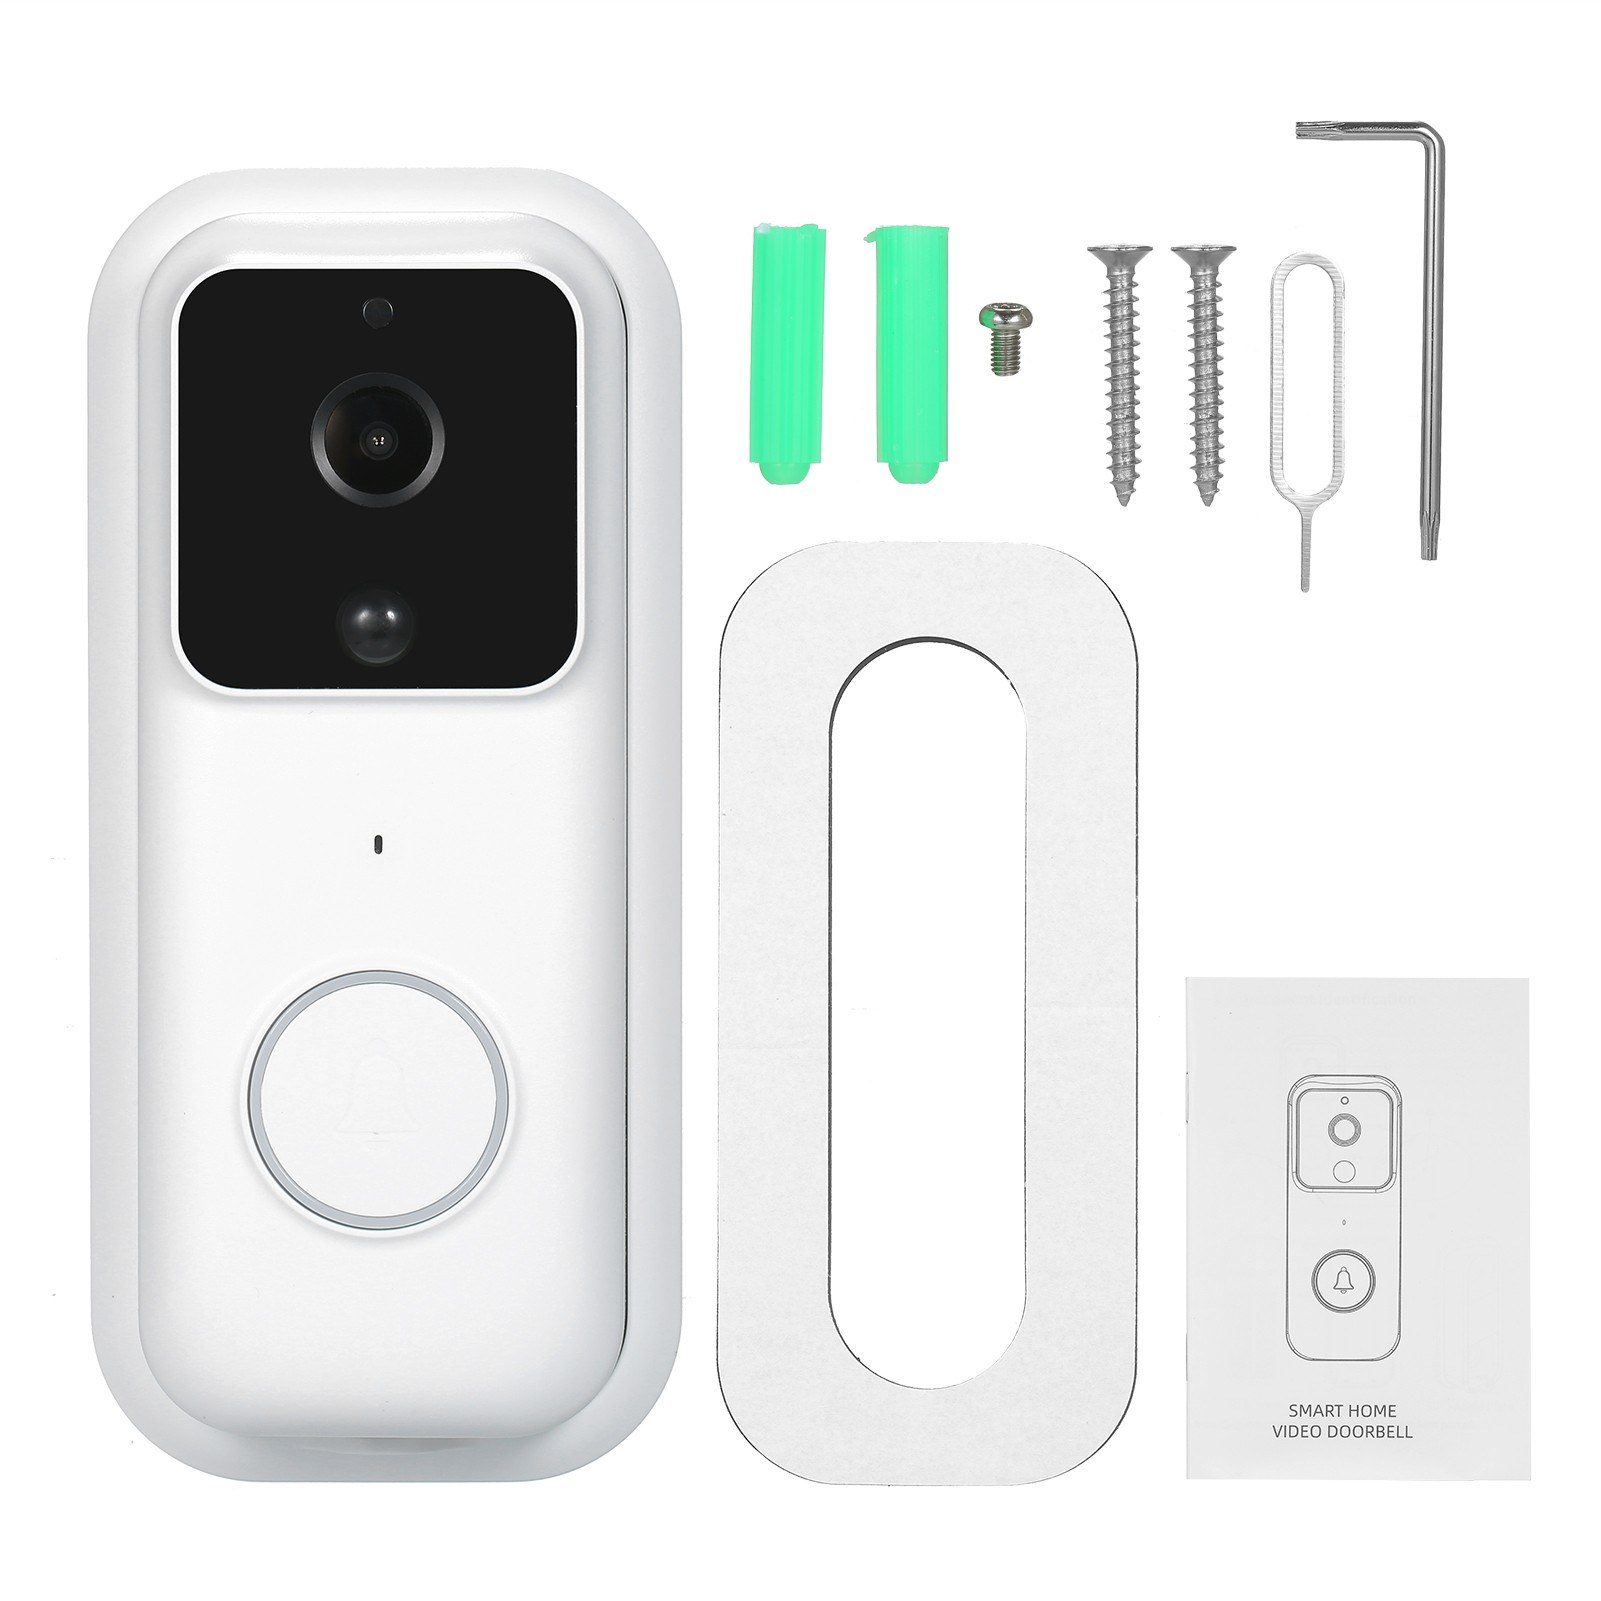 tomtop.com - 41% OFF Smart Video Doorbell Camera Door Bell, $54.99 (Inclusive of VAT)